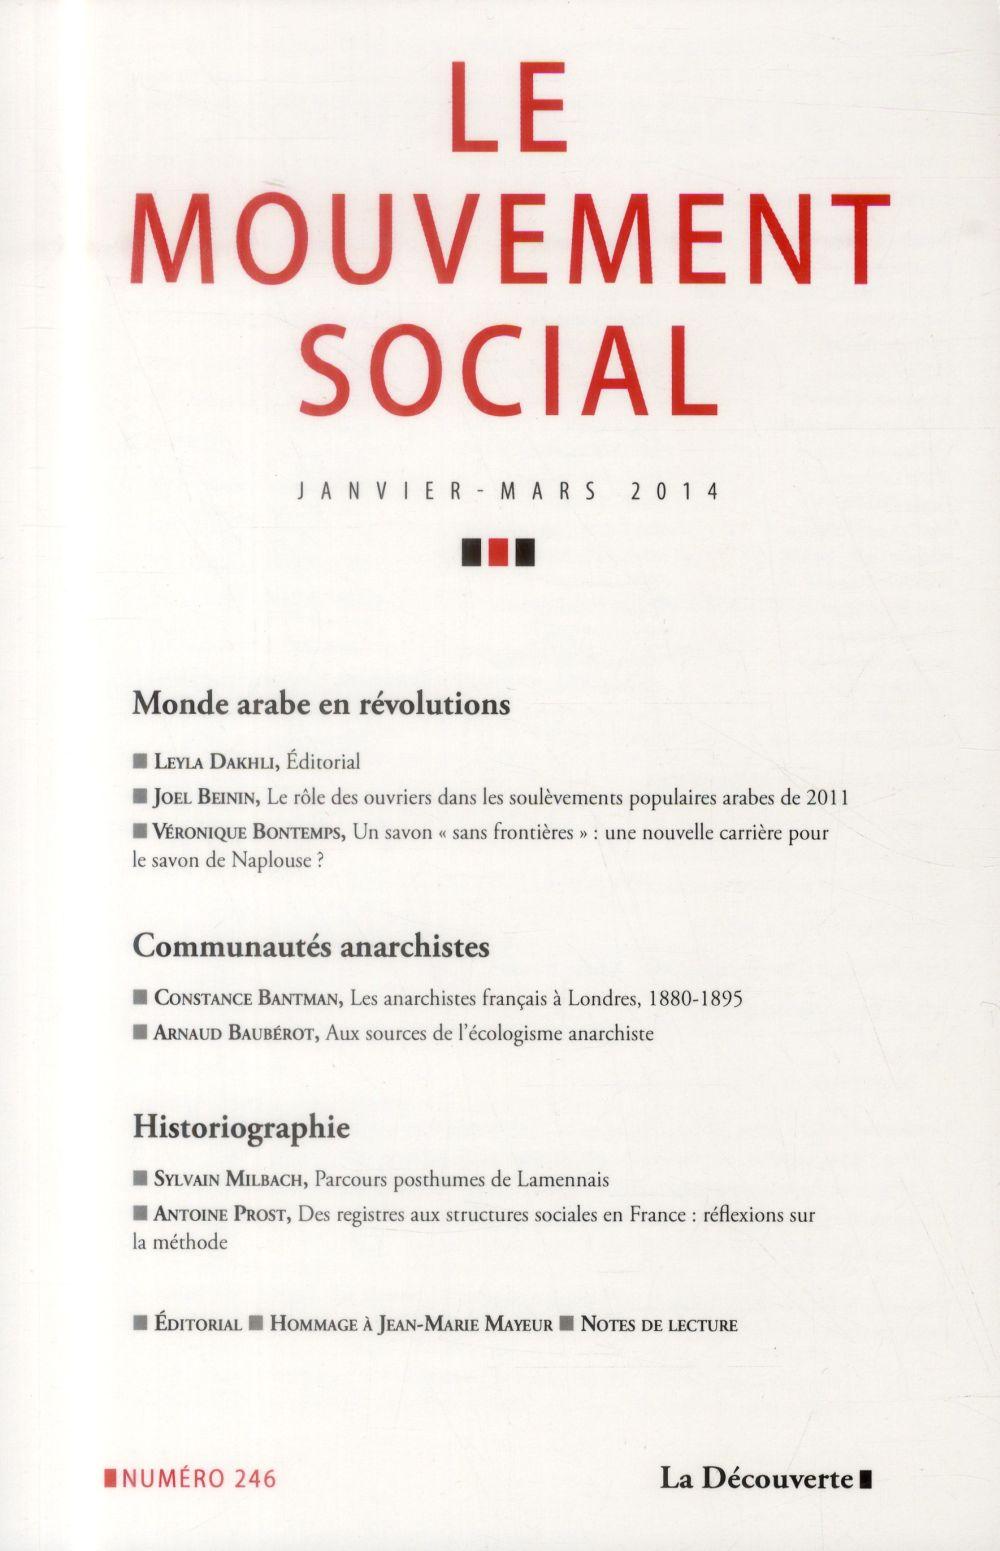 LE MOUVEMANT SOCIAL N246 VARIA - MONDE ARABE EN REVOLUTIONS - COMMUNAUTES ANARCHISTES